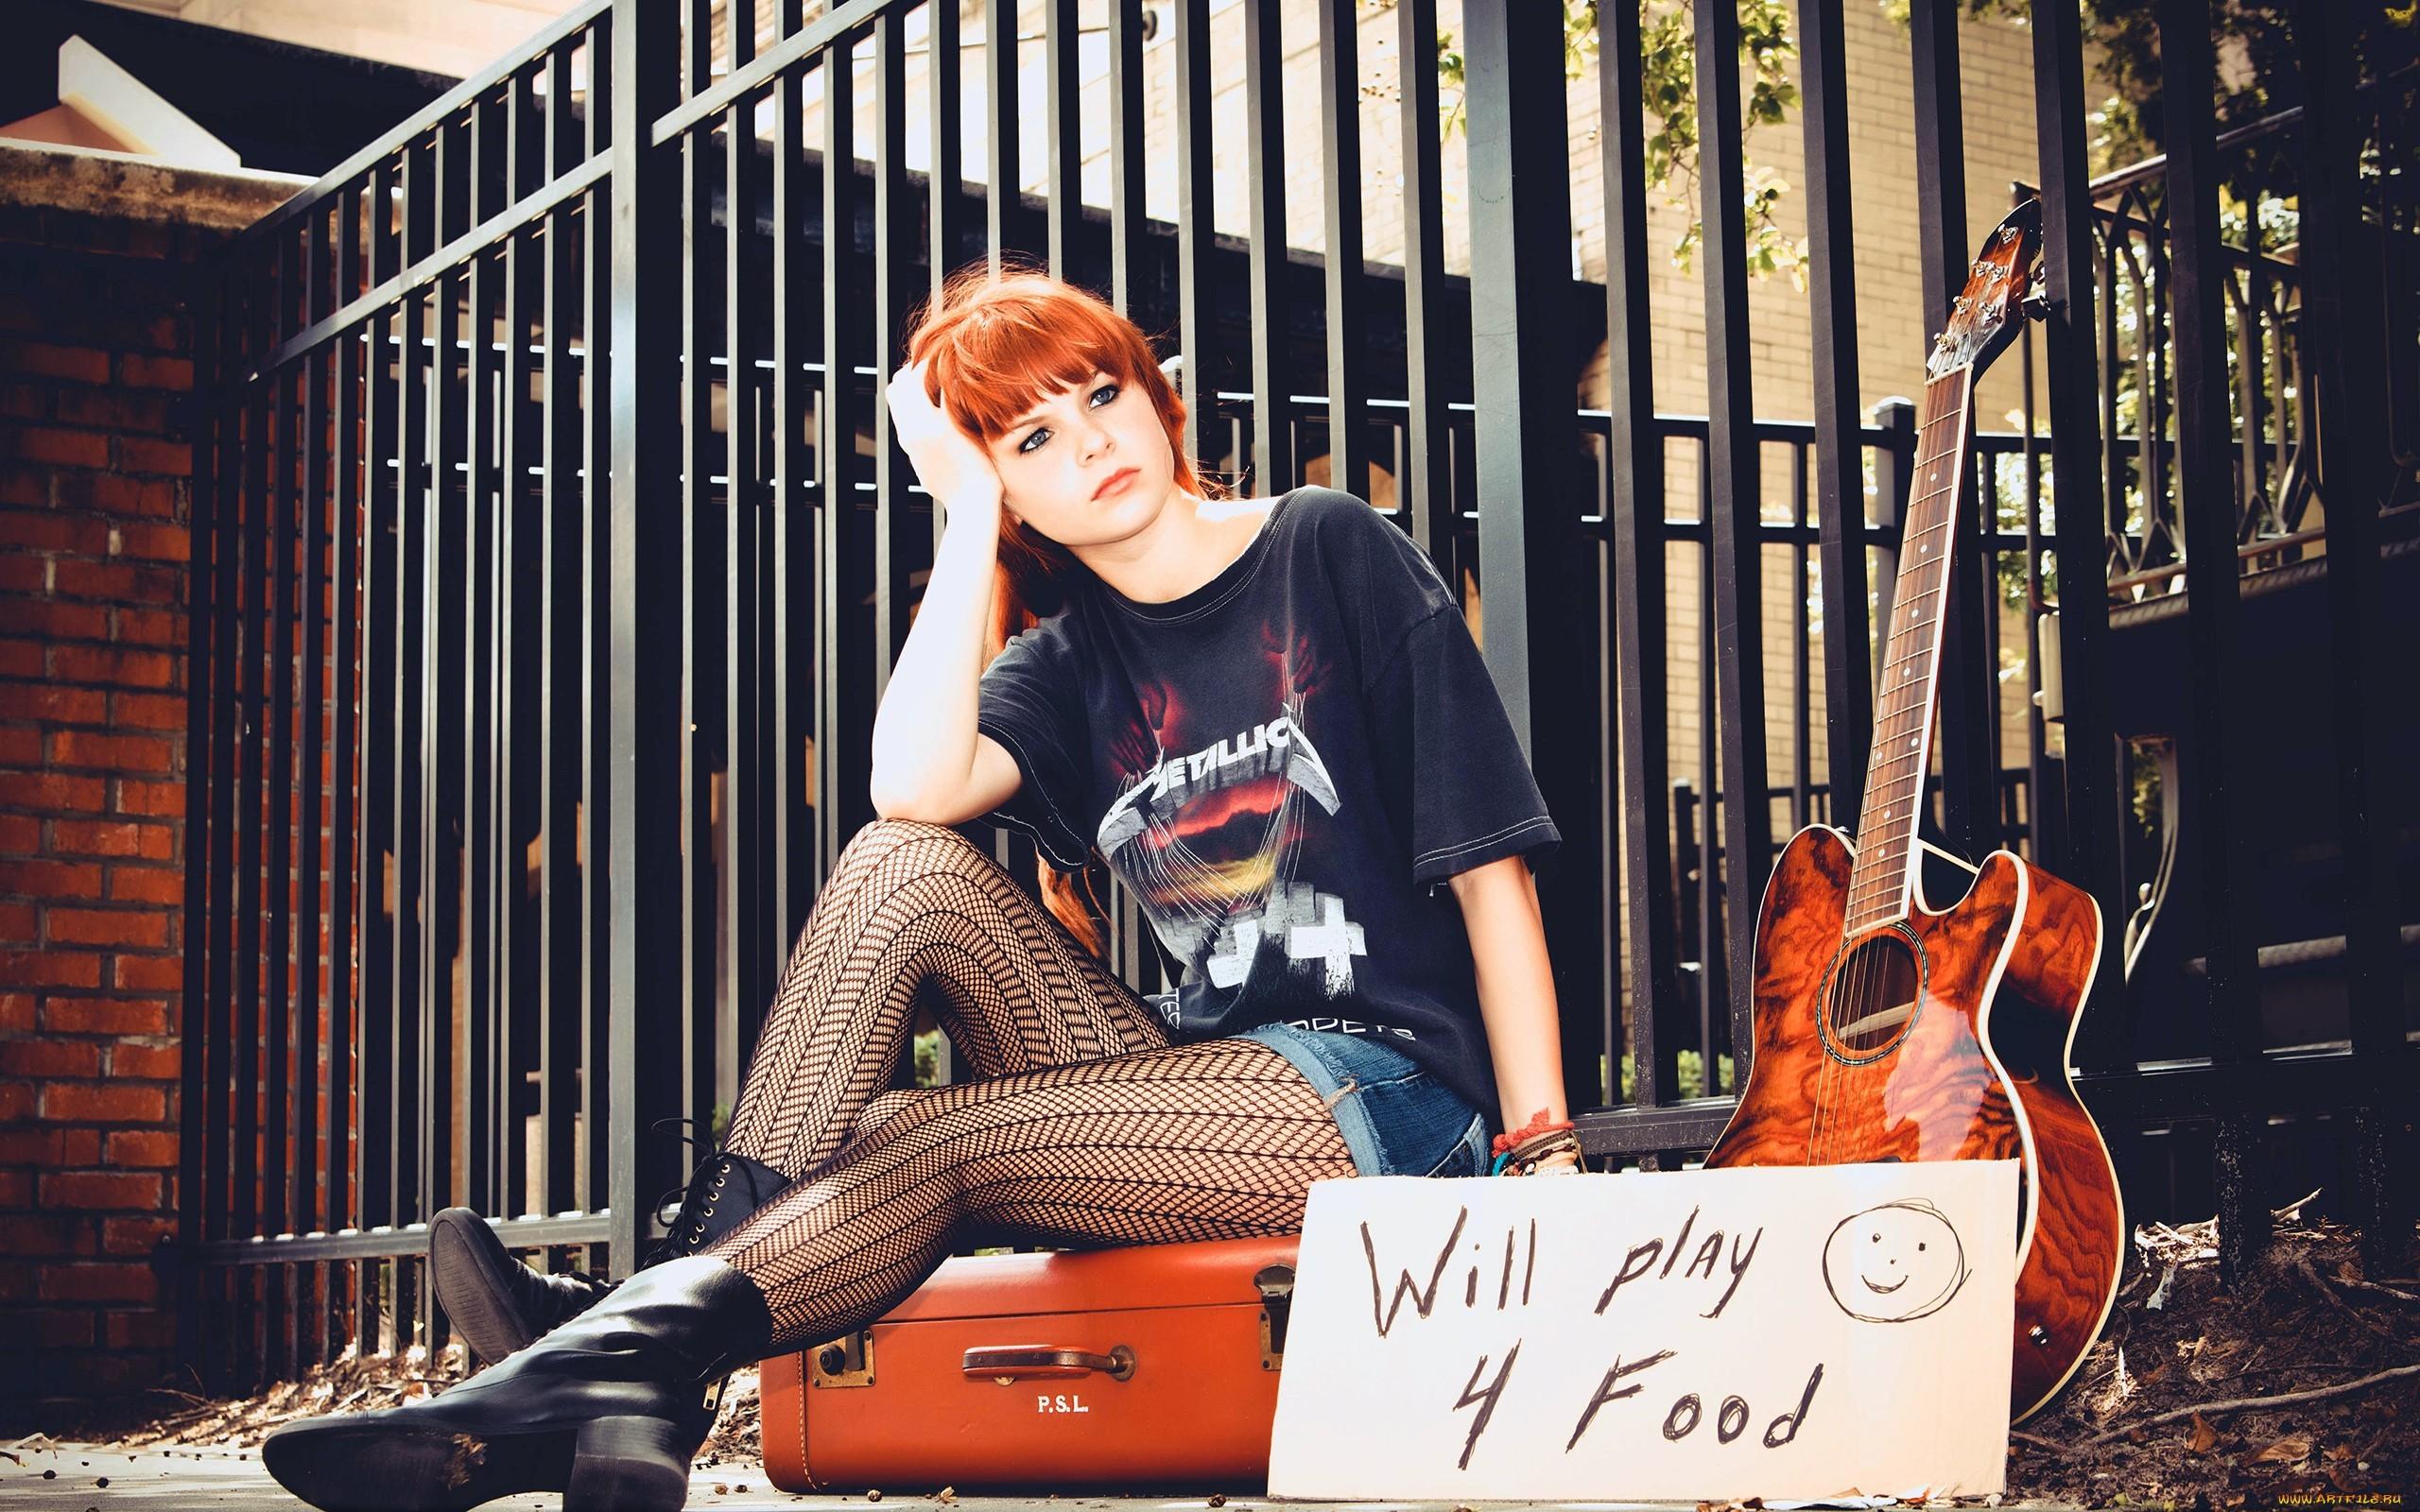 Karoline Kate con su guitarra - 2560x1600 title=